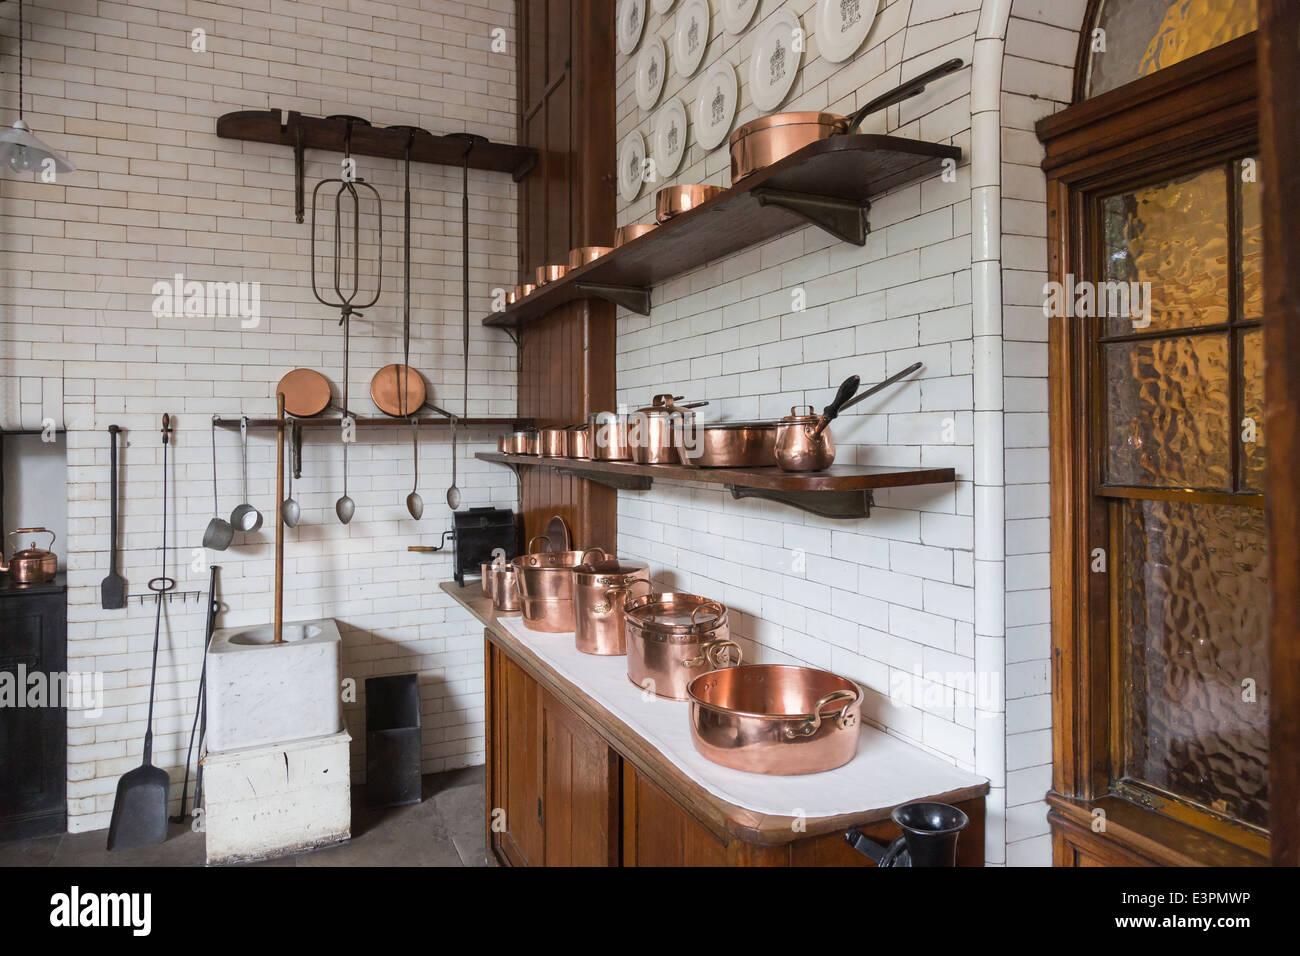 Pfannen Aufhängen Küche | Traditionelle Glanzende Kupferne Topfe Pfannen Und Kochtopfe In